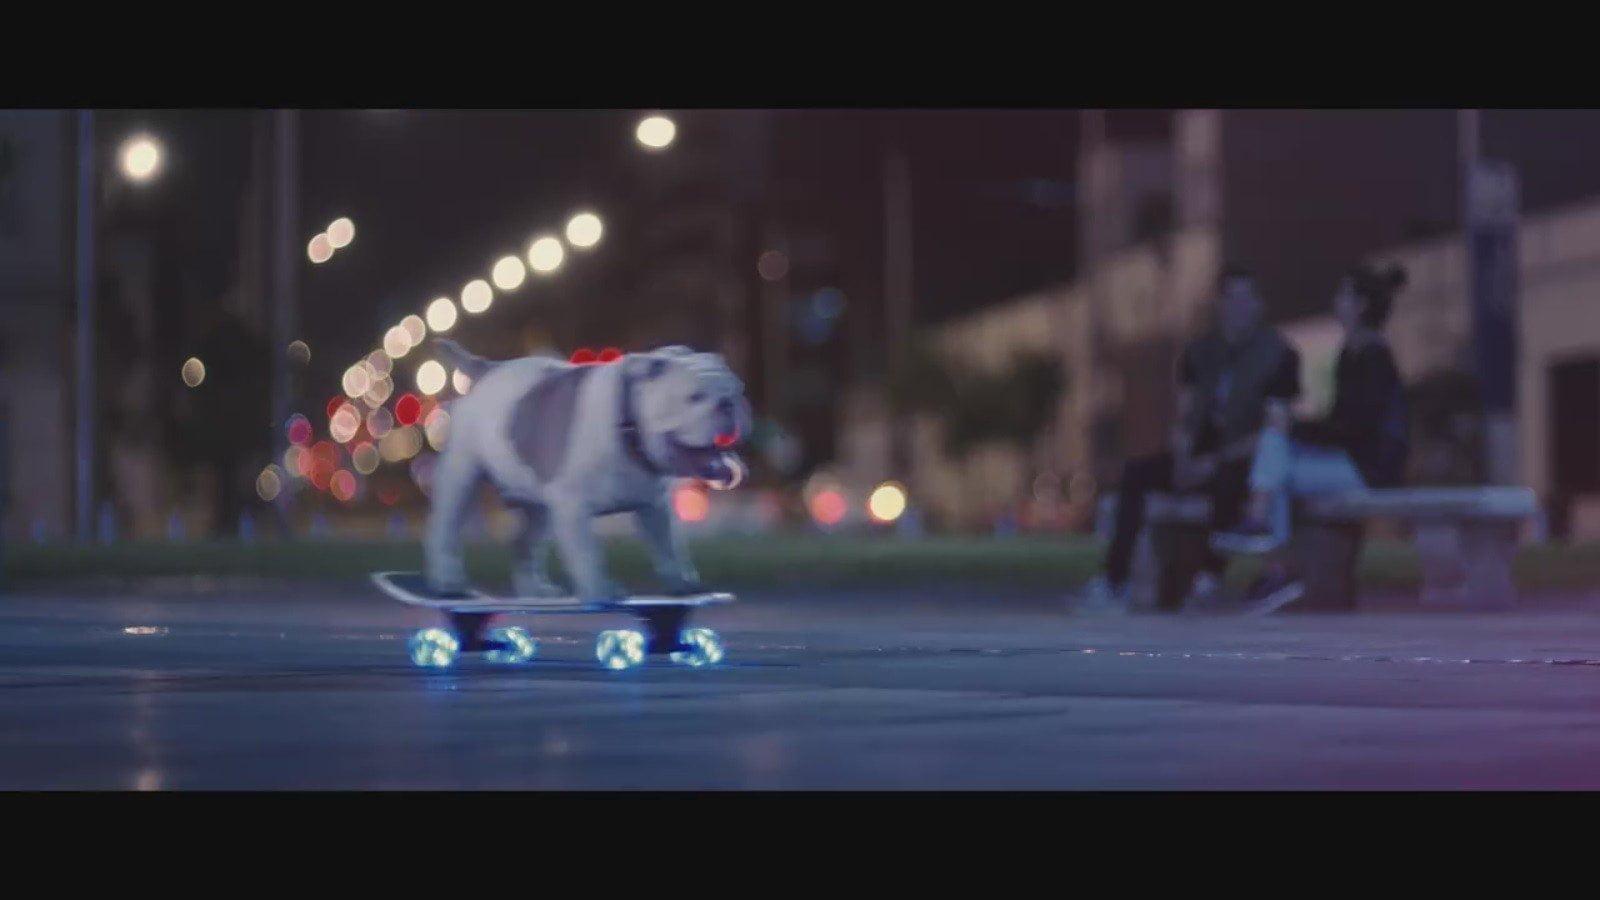 El spot que protagoniza el bulldog. | Fuente: Facebook / Made Visible